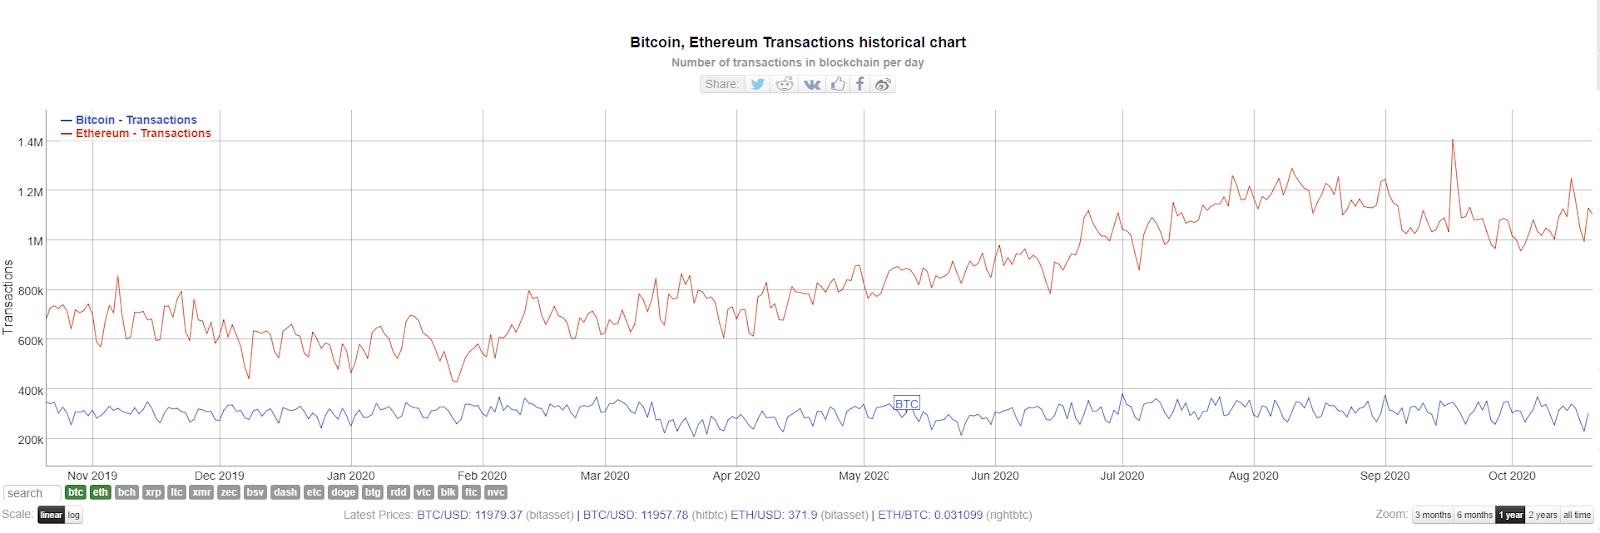 С июля средняя стоимость транзакции биткоинов увеличилась на 500%